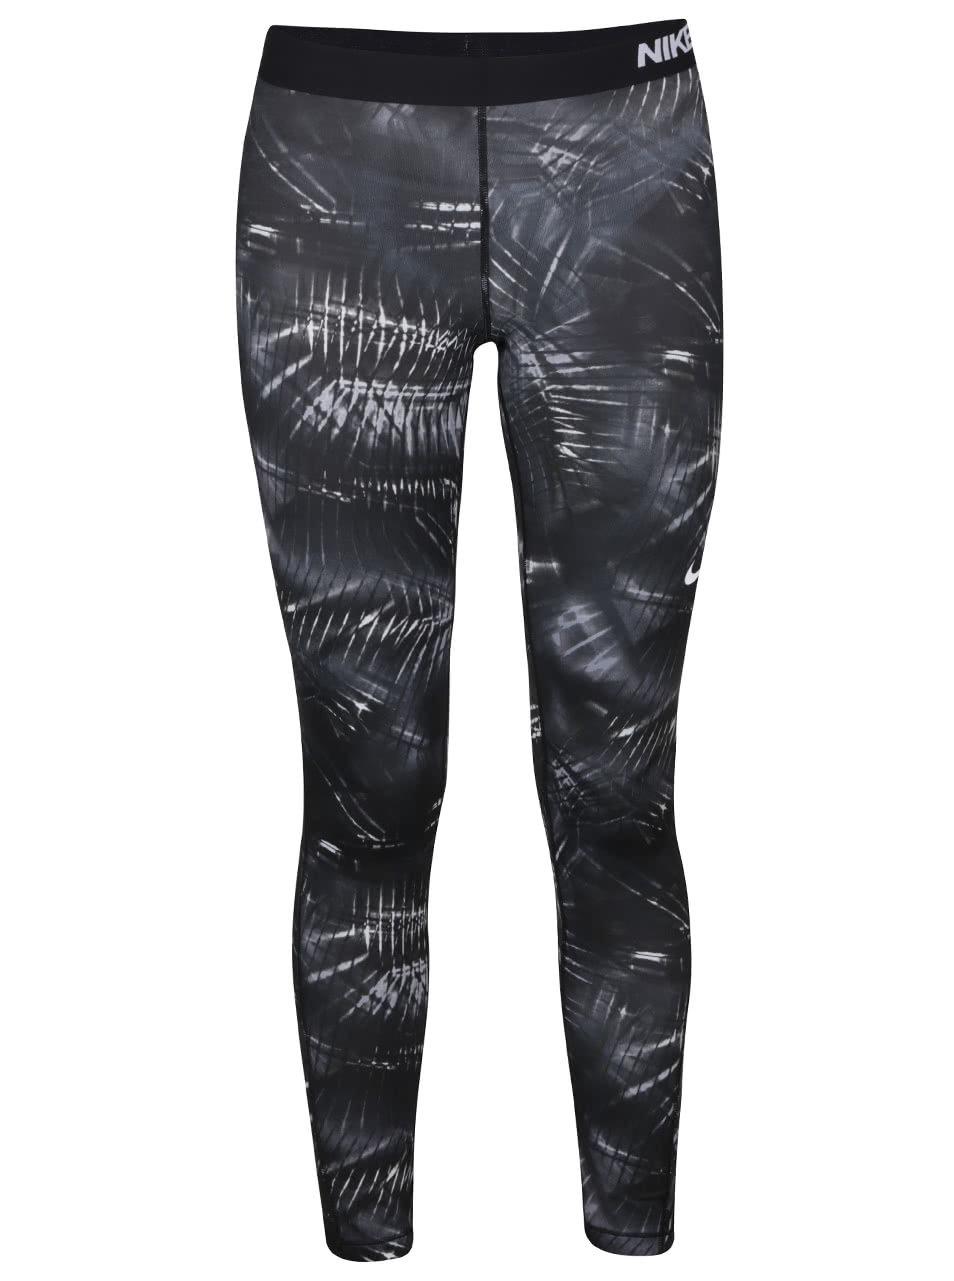 Černé dámské legíny Nike Pro Warm Tight ... 6d93831215